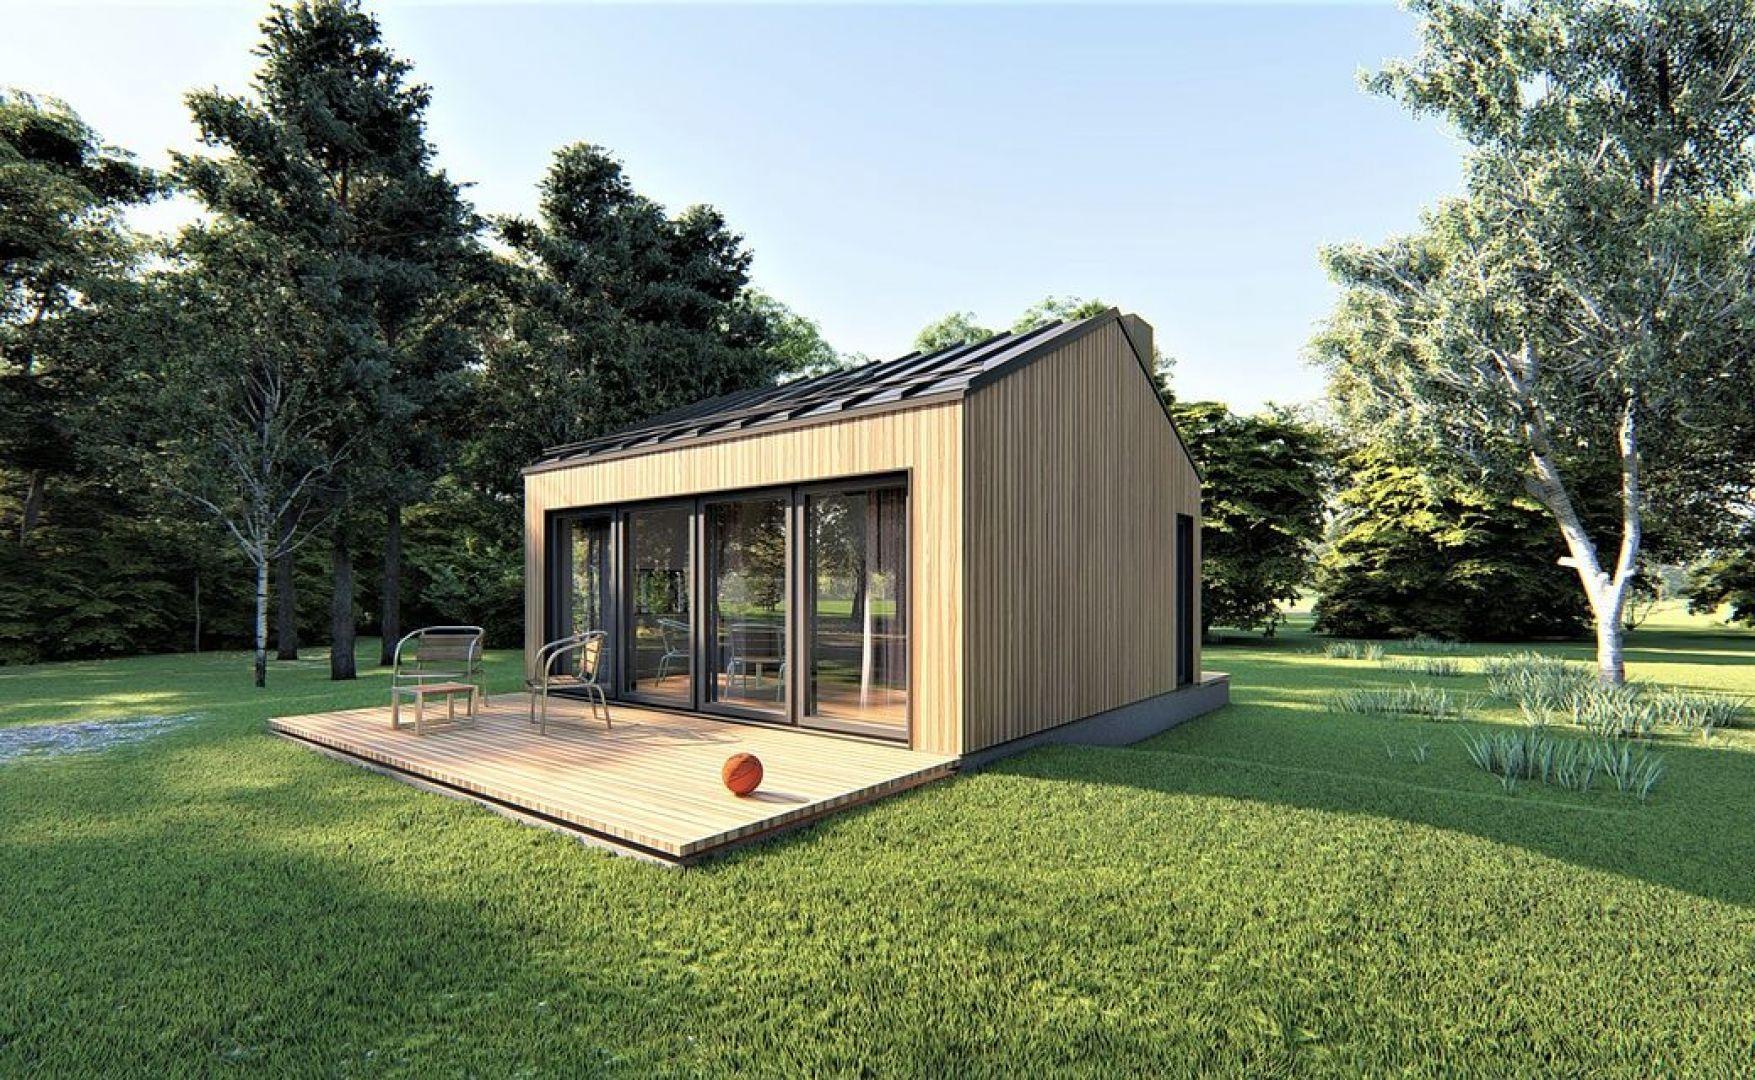 Projekt domu Mini-mini 1. Powierzchnia: 21,84 m2. Autorzy projektu: Extradom.pl